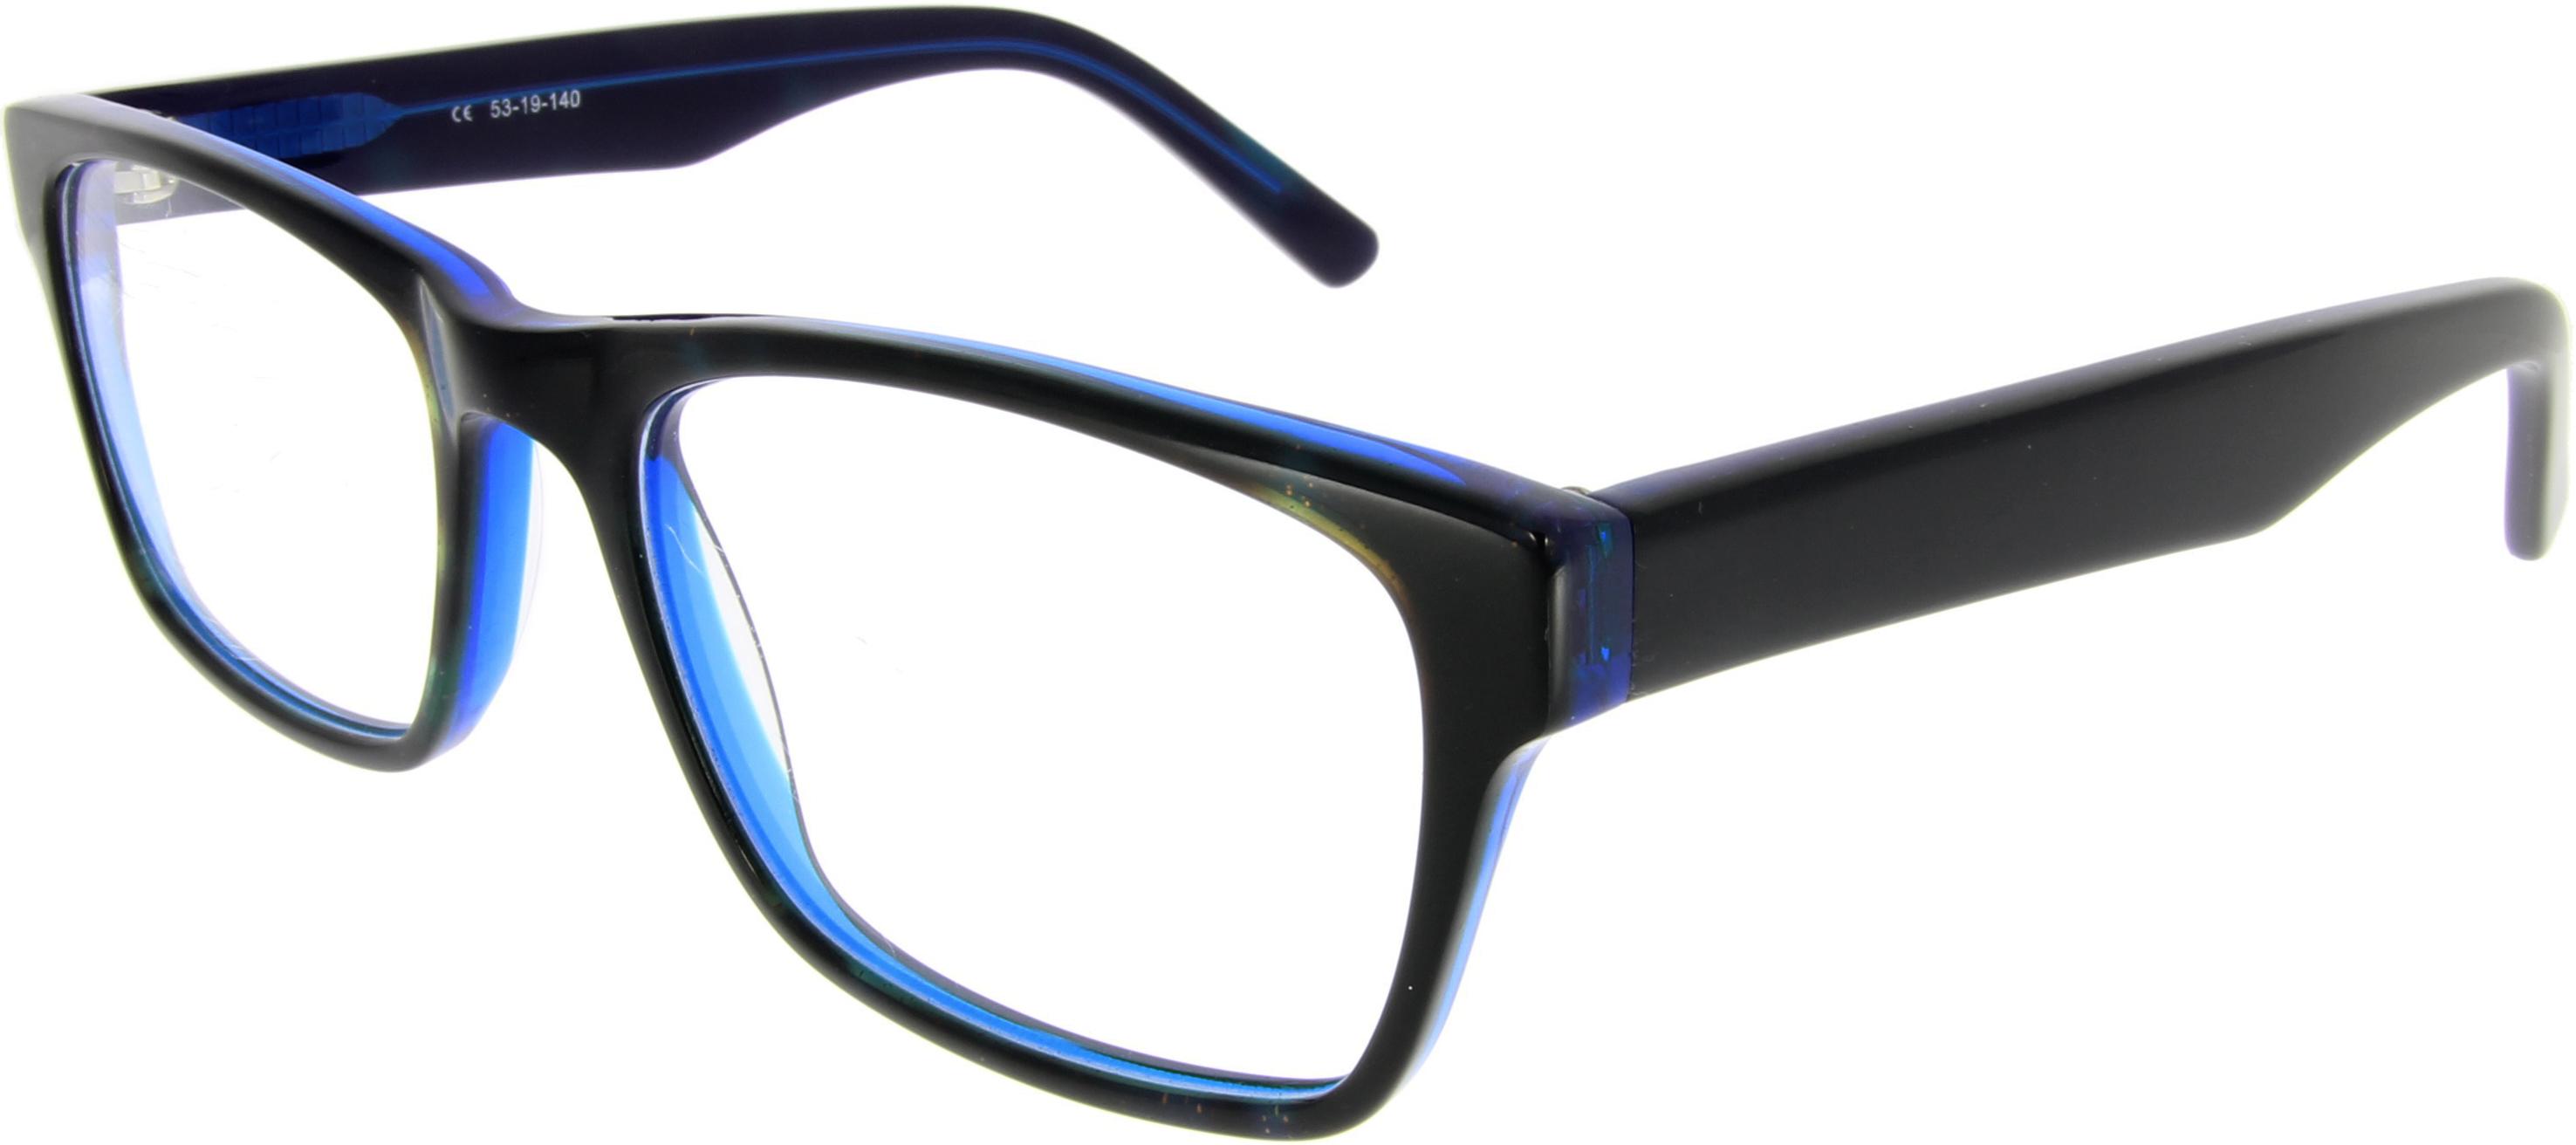 Damenbrillen günstig online kaufen ab nur 34,90€